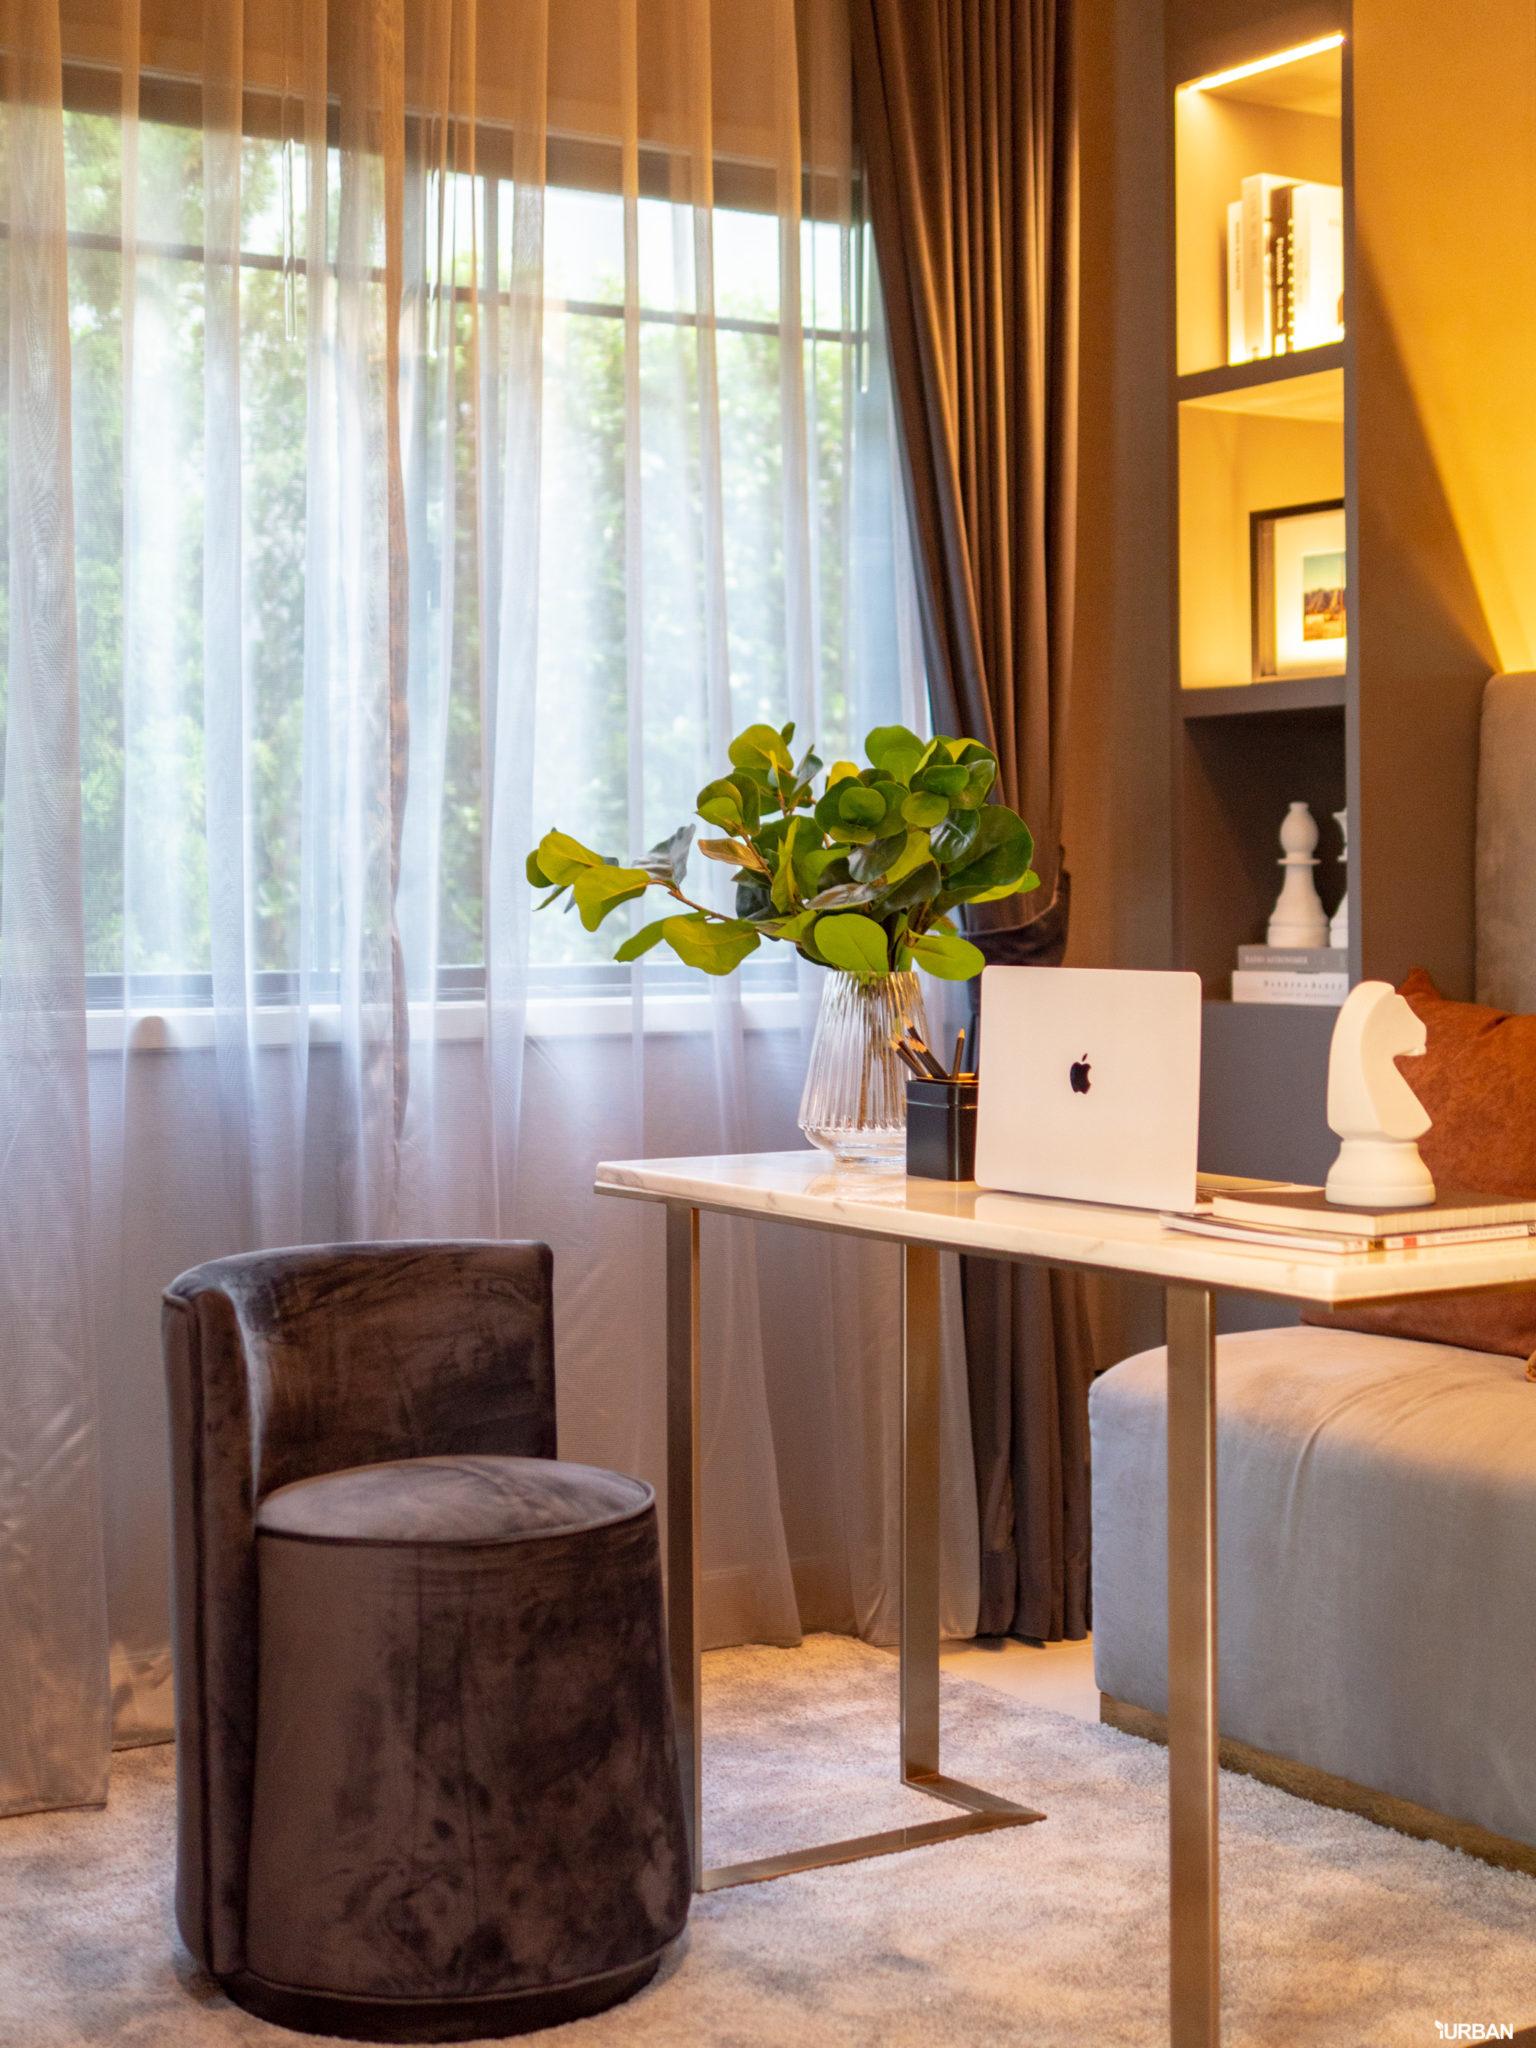 รีวิว บางกอก บูเลอวาร์ด รามอินทรา-เสรีไทย 2 <br>บ้านเดี่ยวสไตล์ Luxury Nordic เพียง 77 ครอบครัว</br> 35 - Boulevard